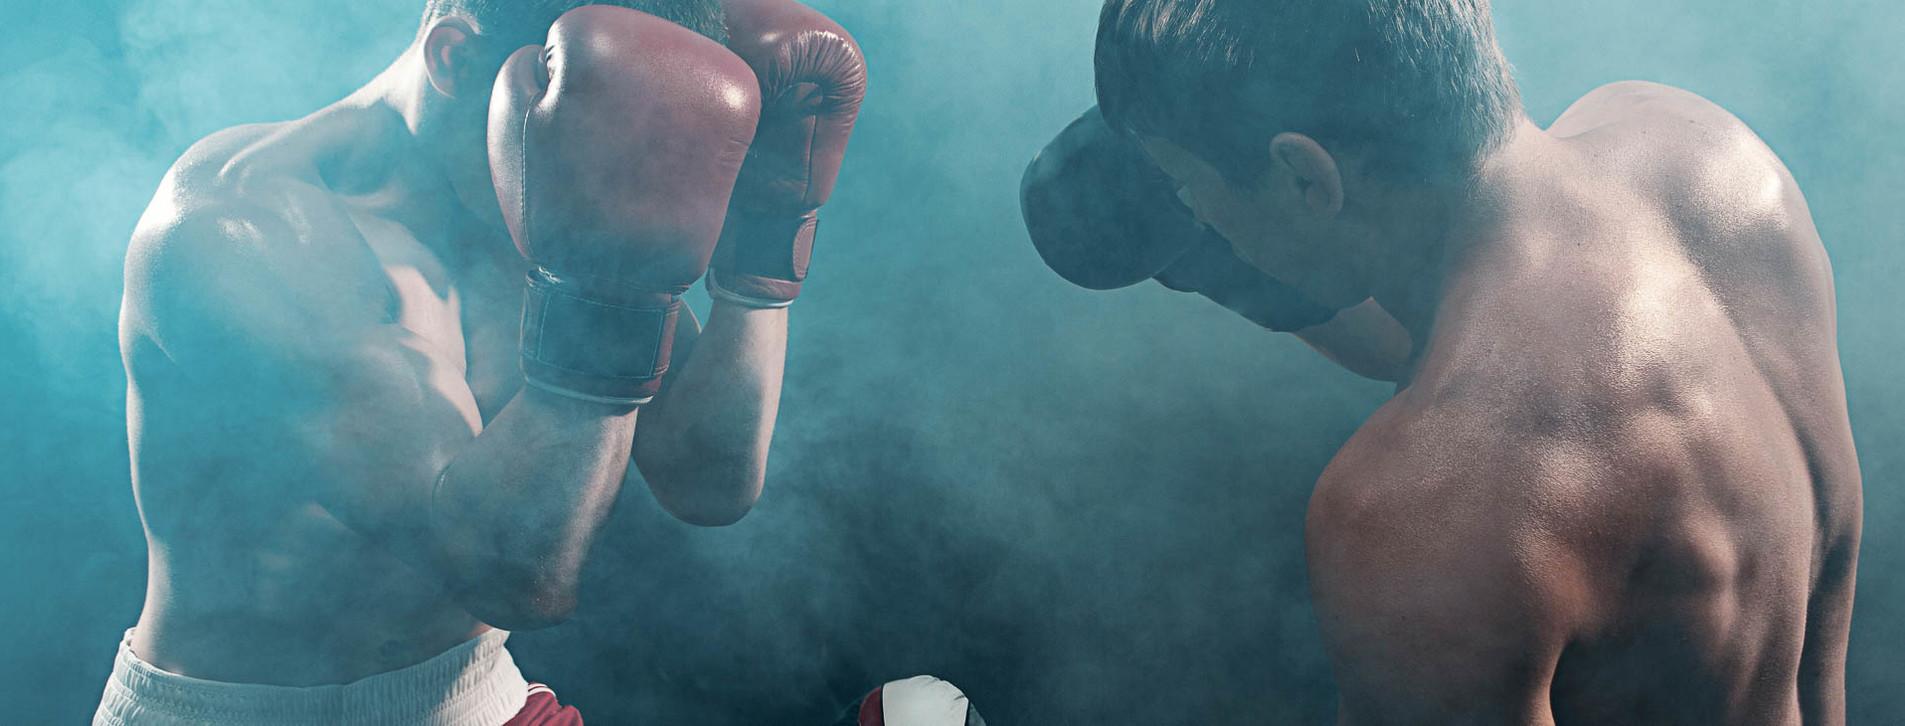 Фото - Мастер-класс бокса для двоих